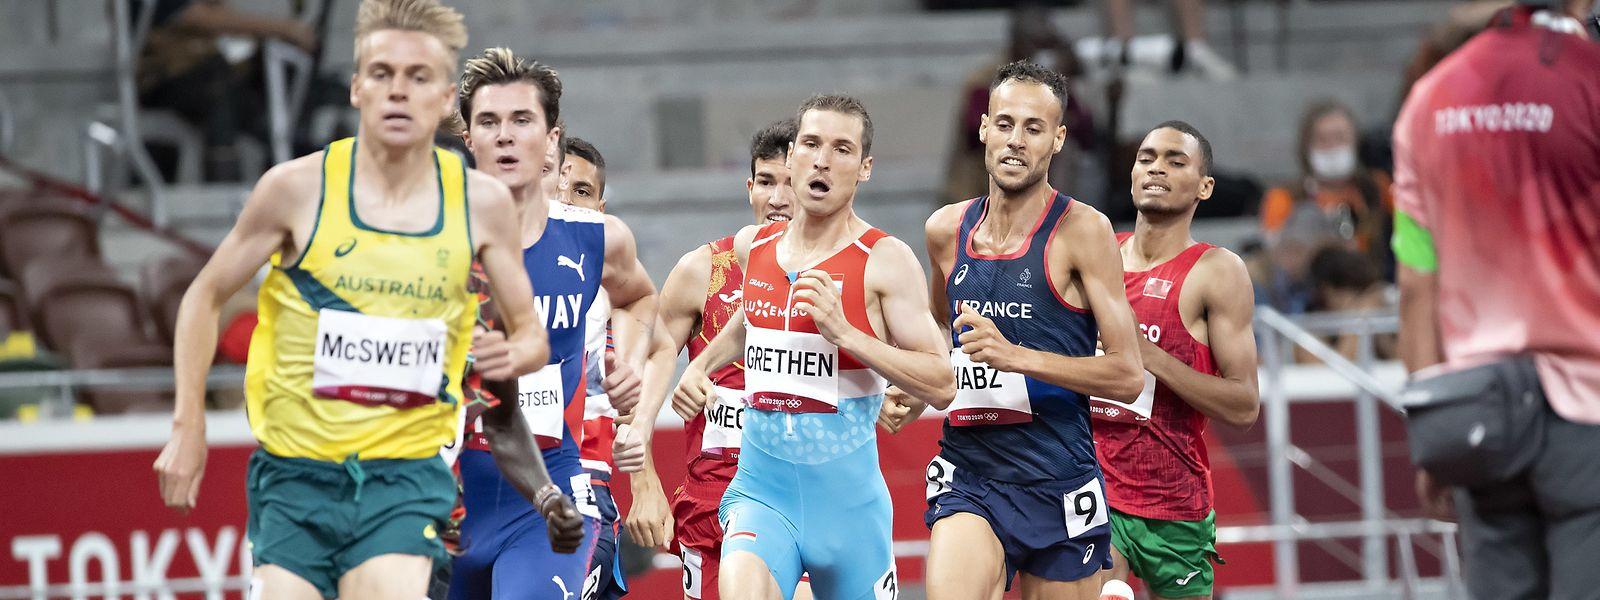 L'athlète luxembourgeois de 29 ans a terminé son épreuve en 3'32''86.